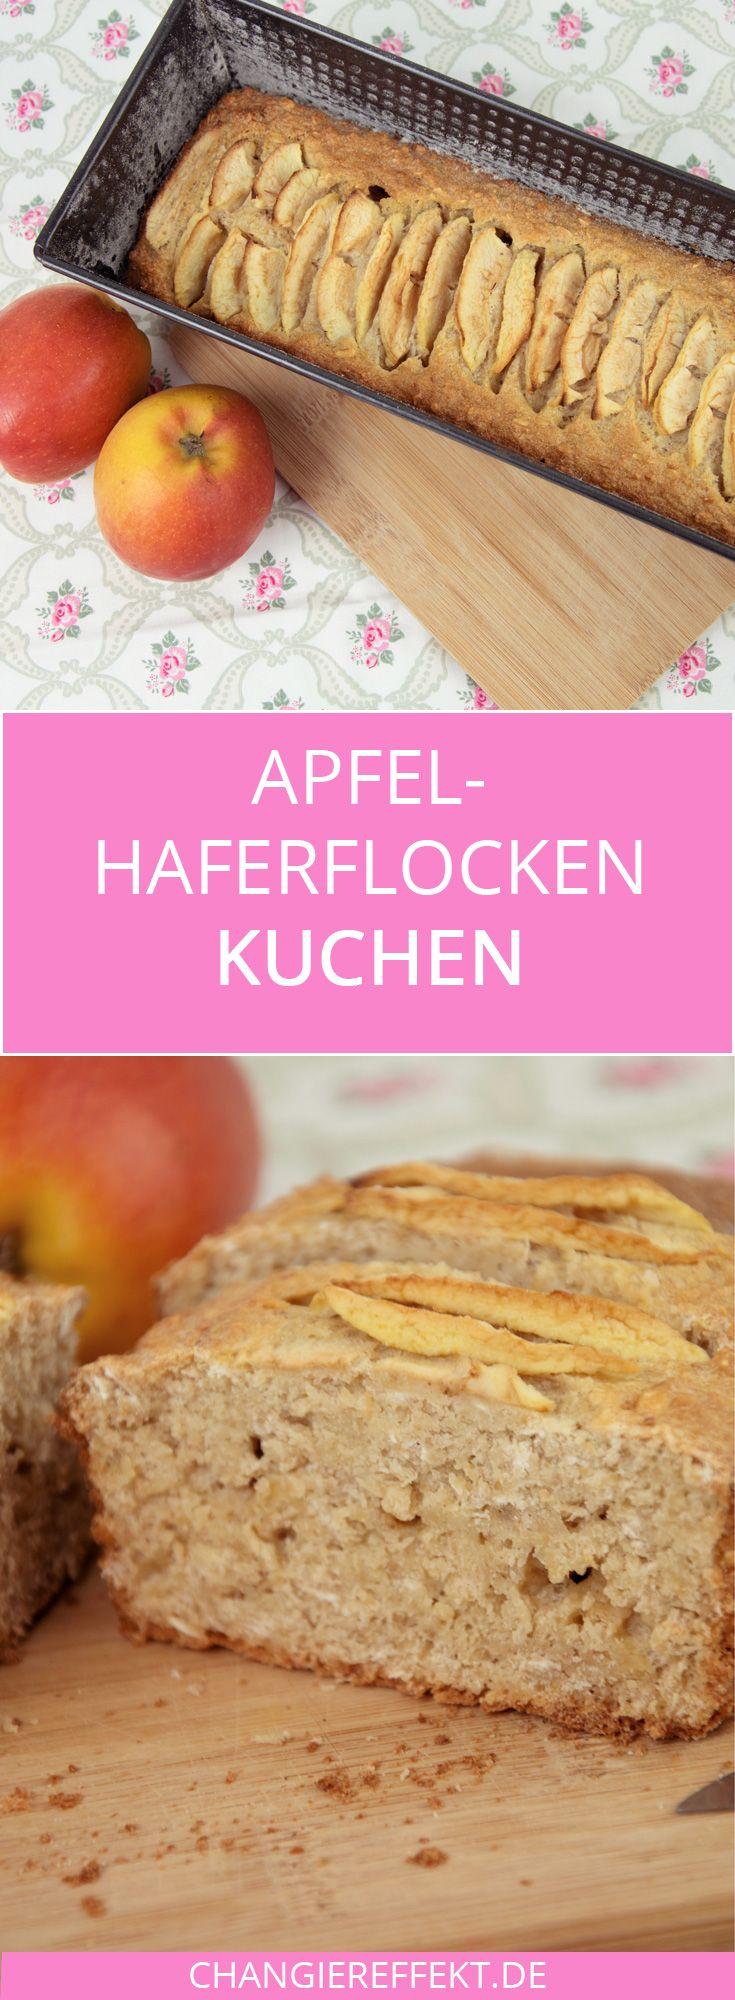 Apfel Haferflocken Kuchen - ein Rezept mit wenig Zucker #apfelcupcakes